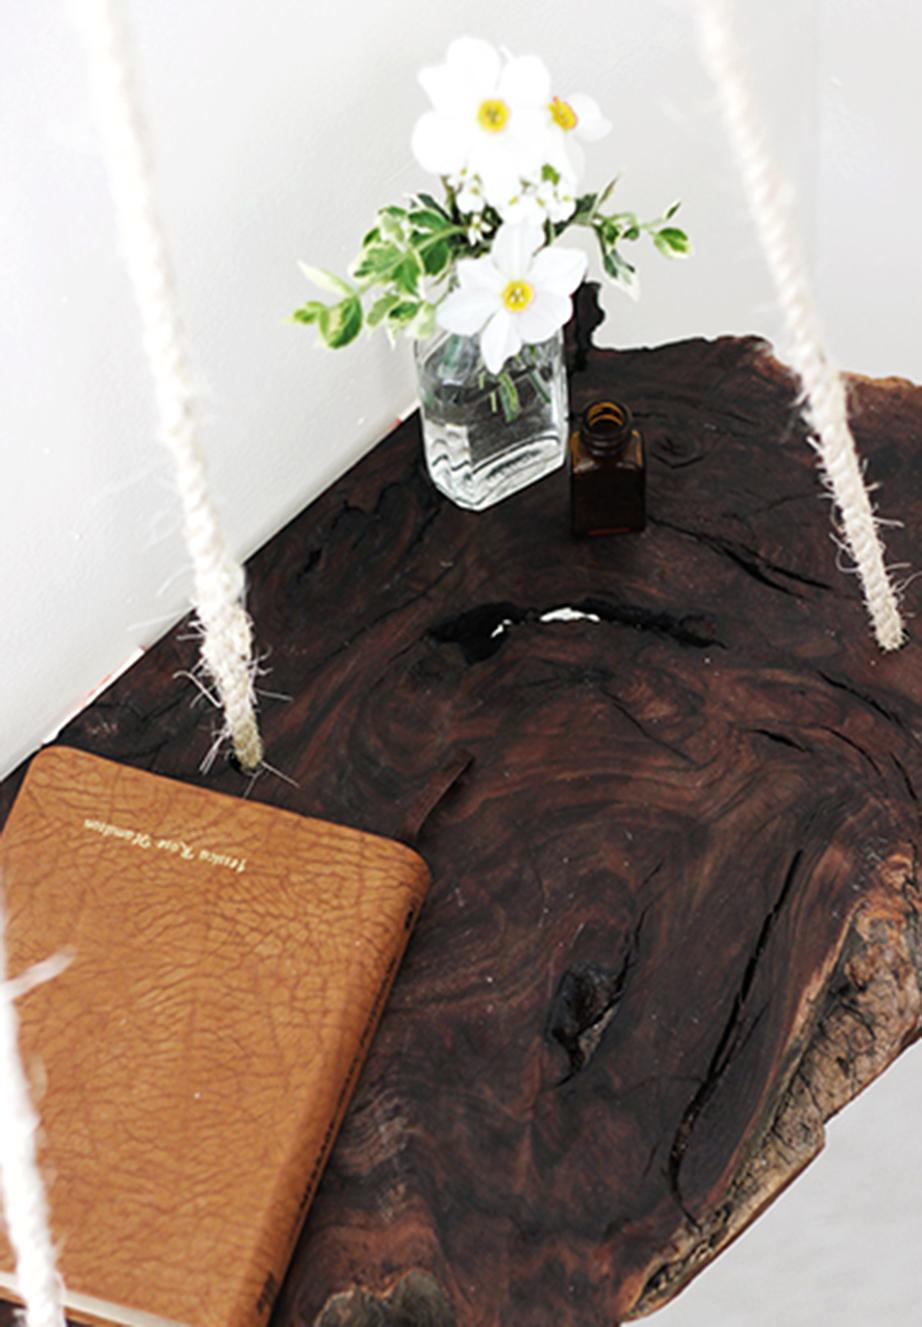 Κολλήστε το ξύλο στον τοίχο με το θερμοπίστολο από την πλευρά που είναι η τσόχα.